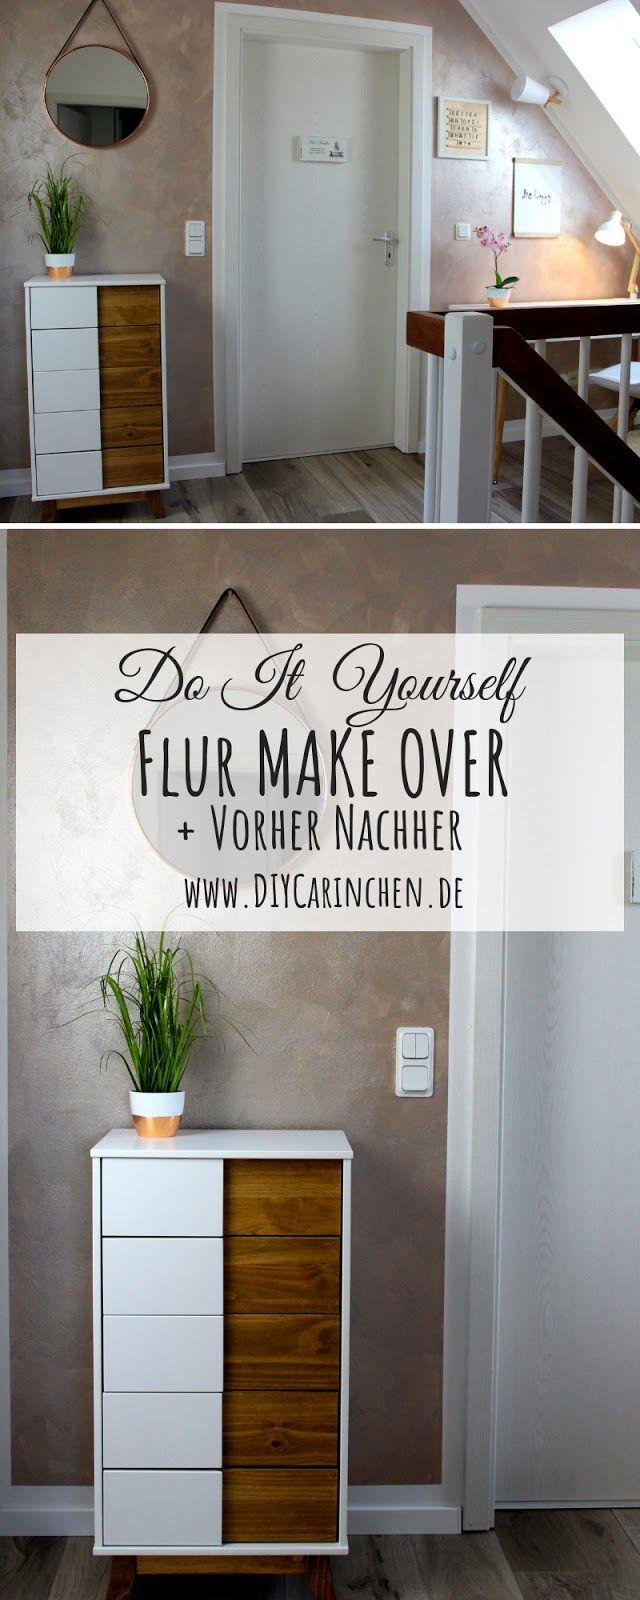 Diy Flur Make Over Inklusive Vorher Nachher Streich Tipps Wandfarbe Flur Einrichtung